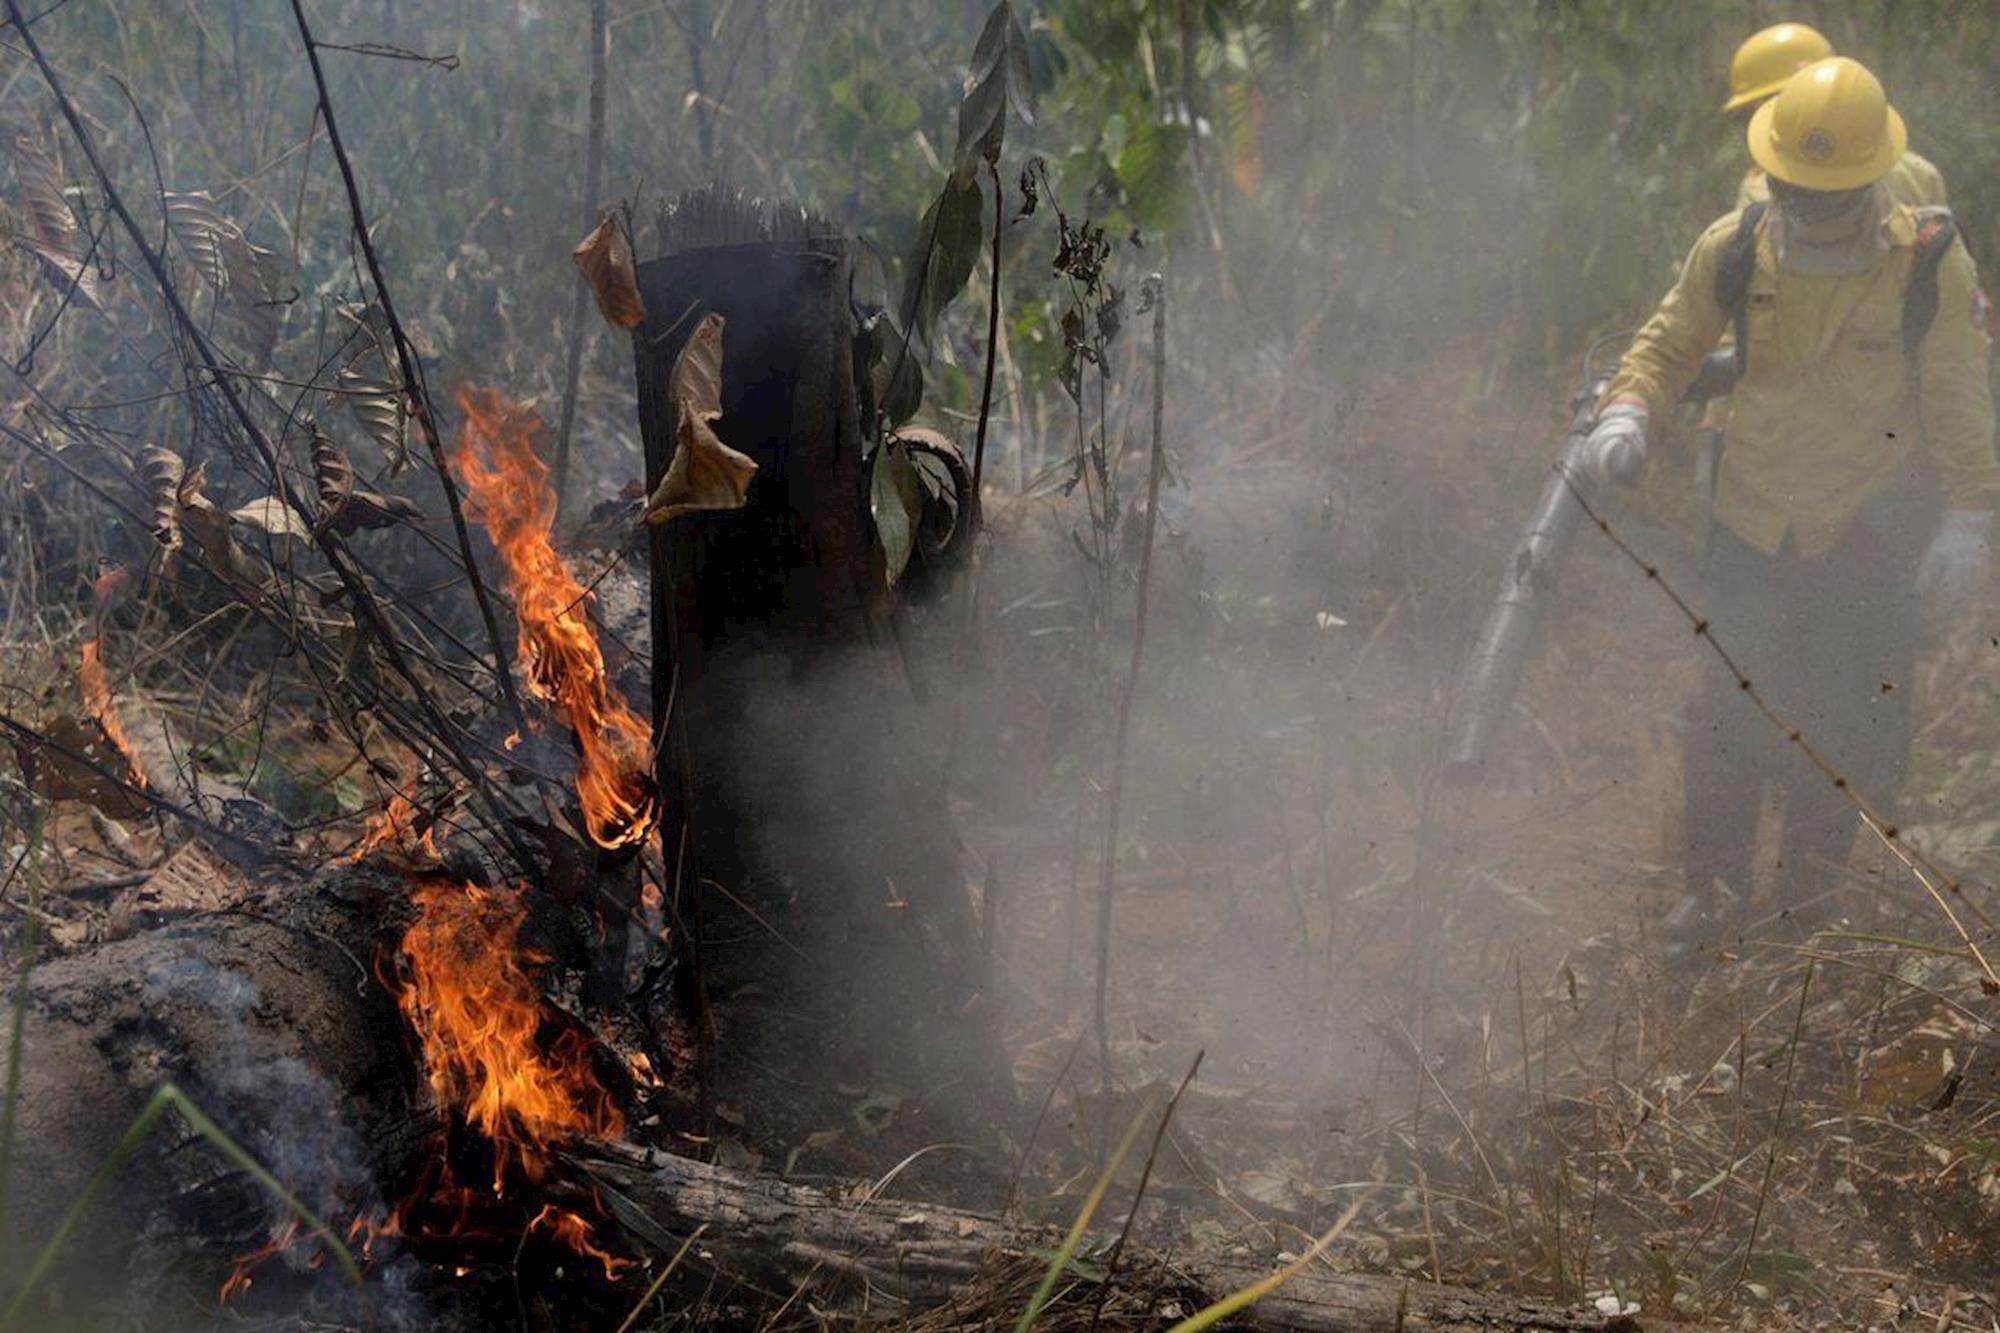 notícias, fotos atualizadas , Ricardo Moraes / Reuters